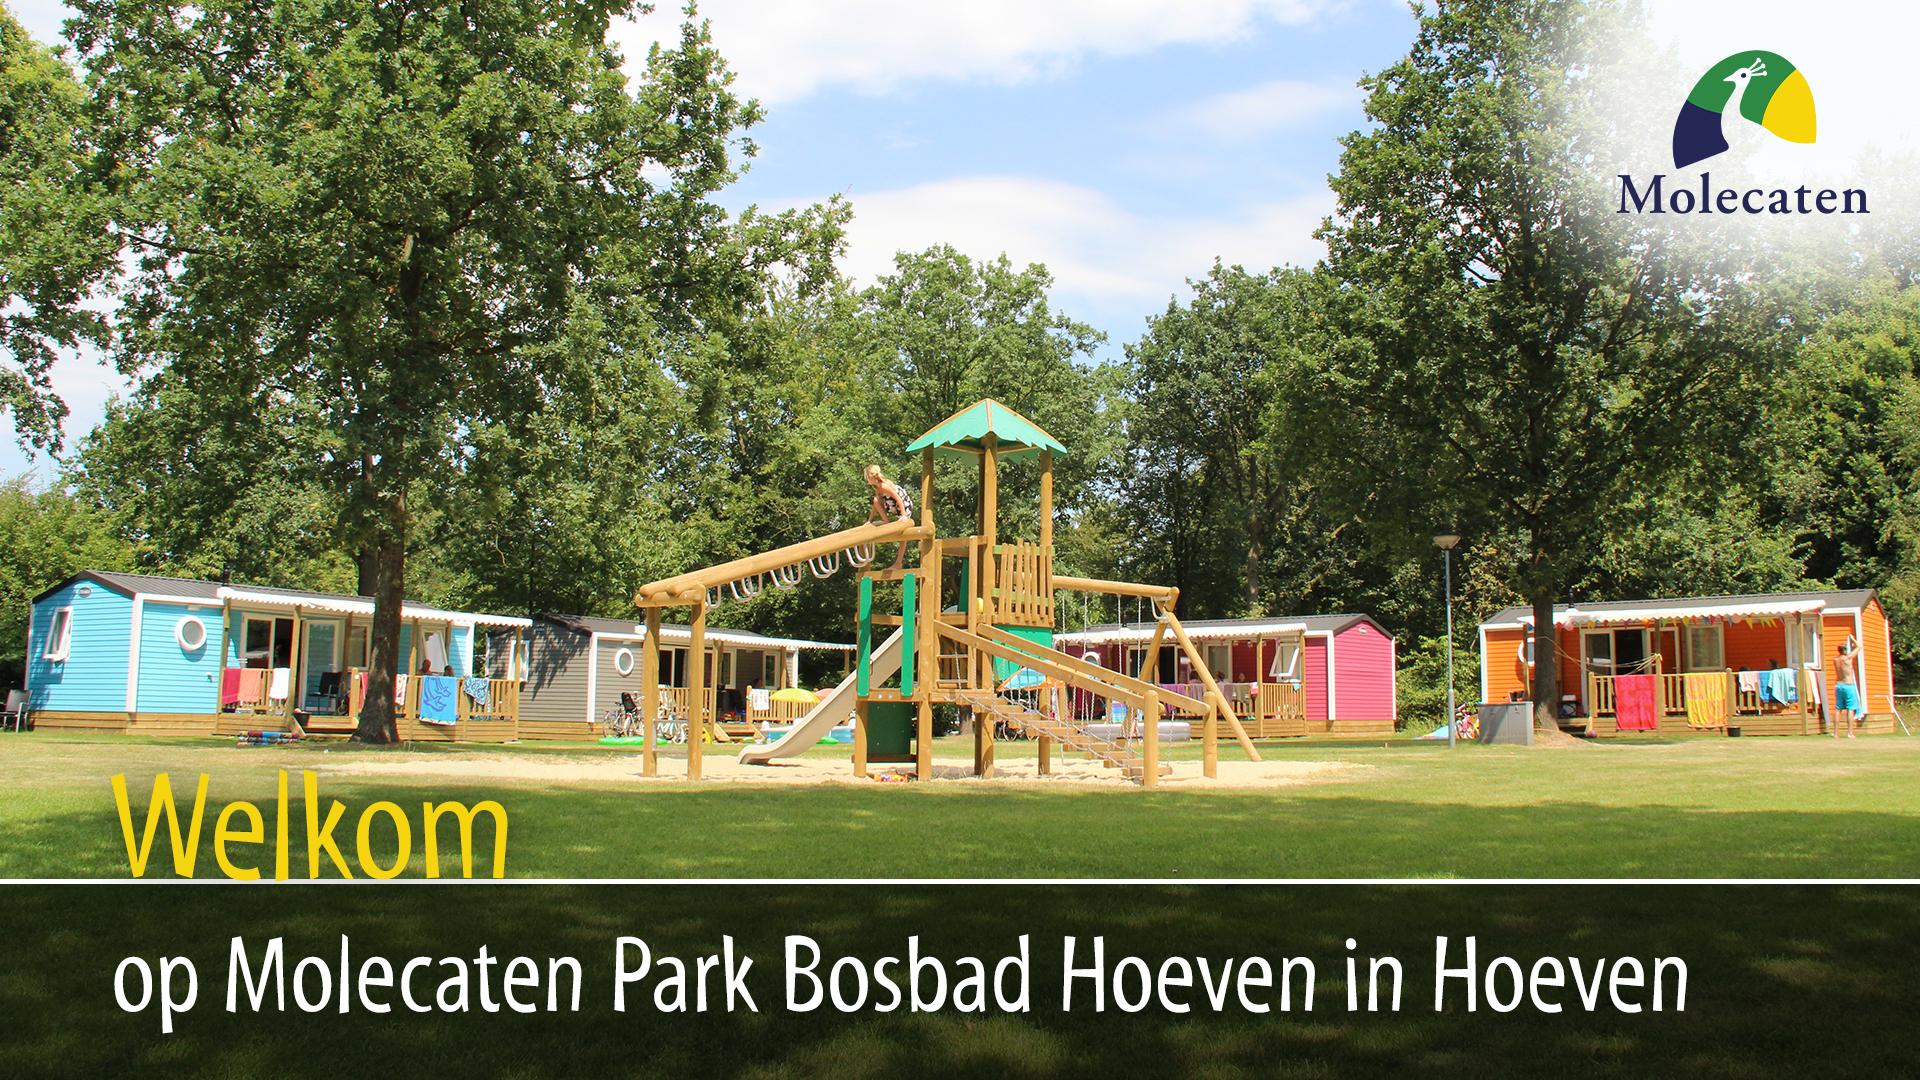 Molecaten Park Bosbad Hoeven in Hoeven